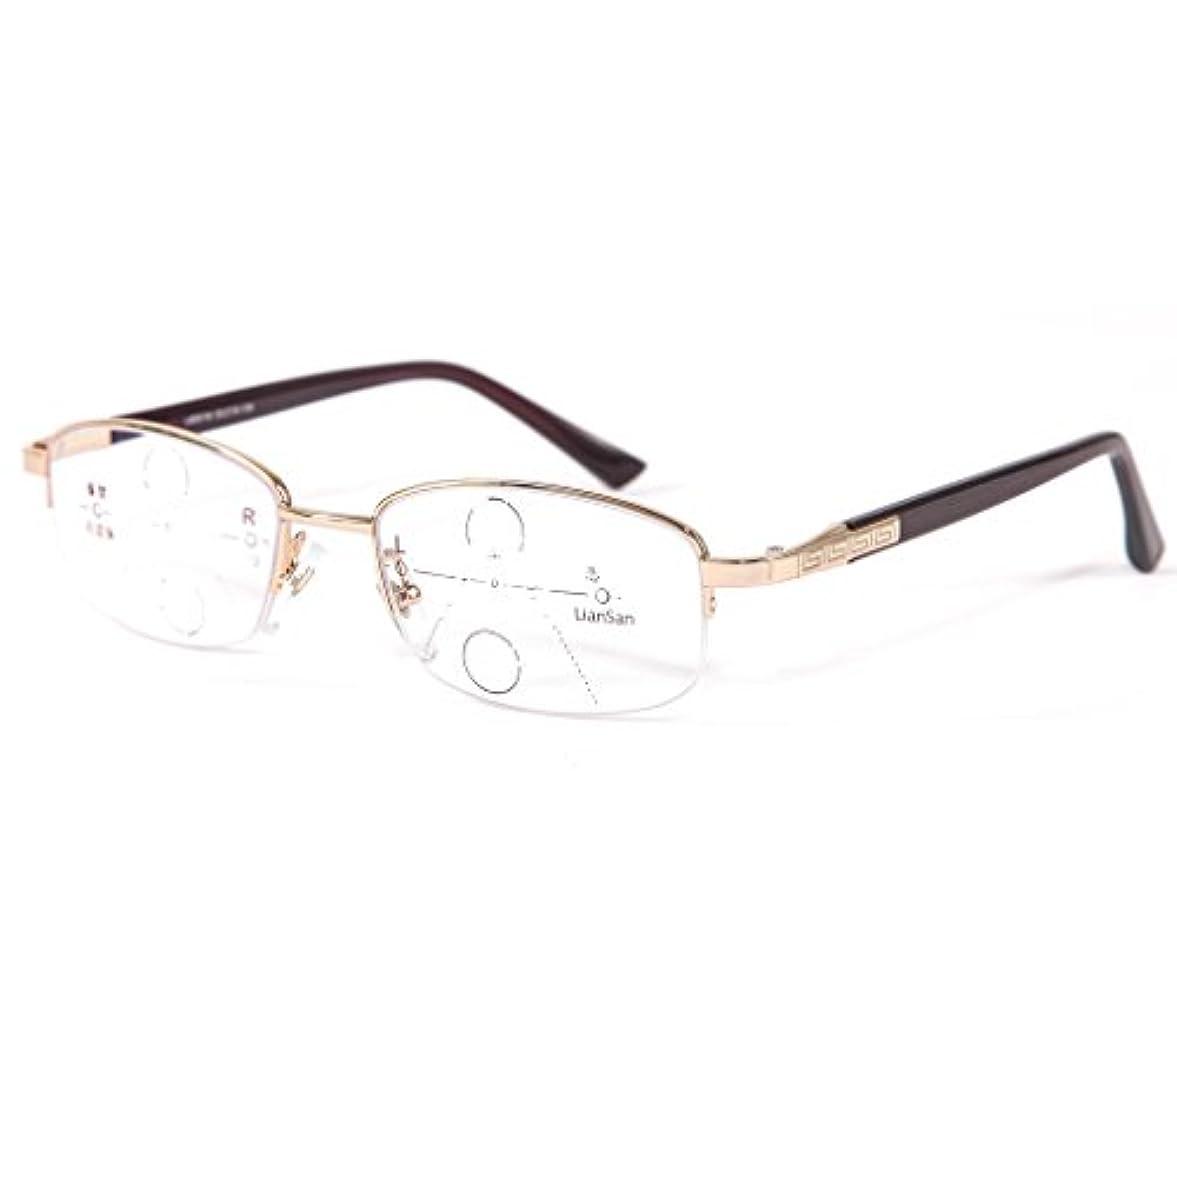 (レンサン) LianSan累進多焦点 遠近両用老眼鏡 男性 女性 メンズ レディース フルリム おしゃれな リーディンググラス シニアグラス 遠近両用メガネ 8551 (+1.00, ゴールド)